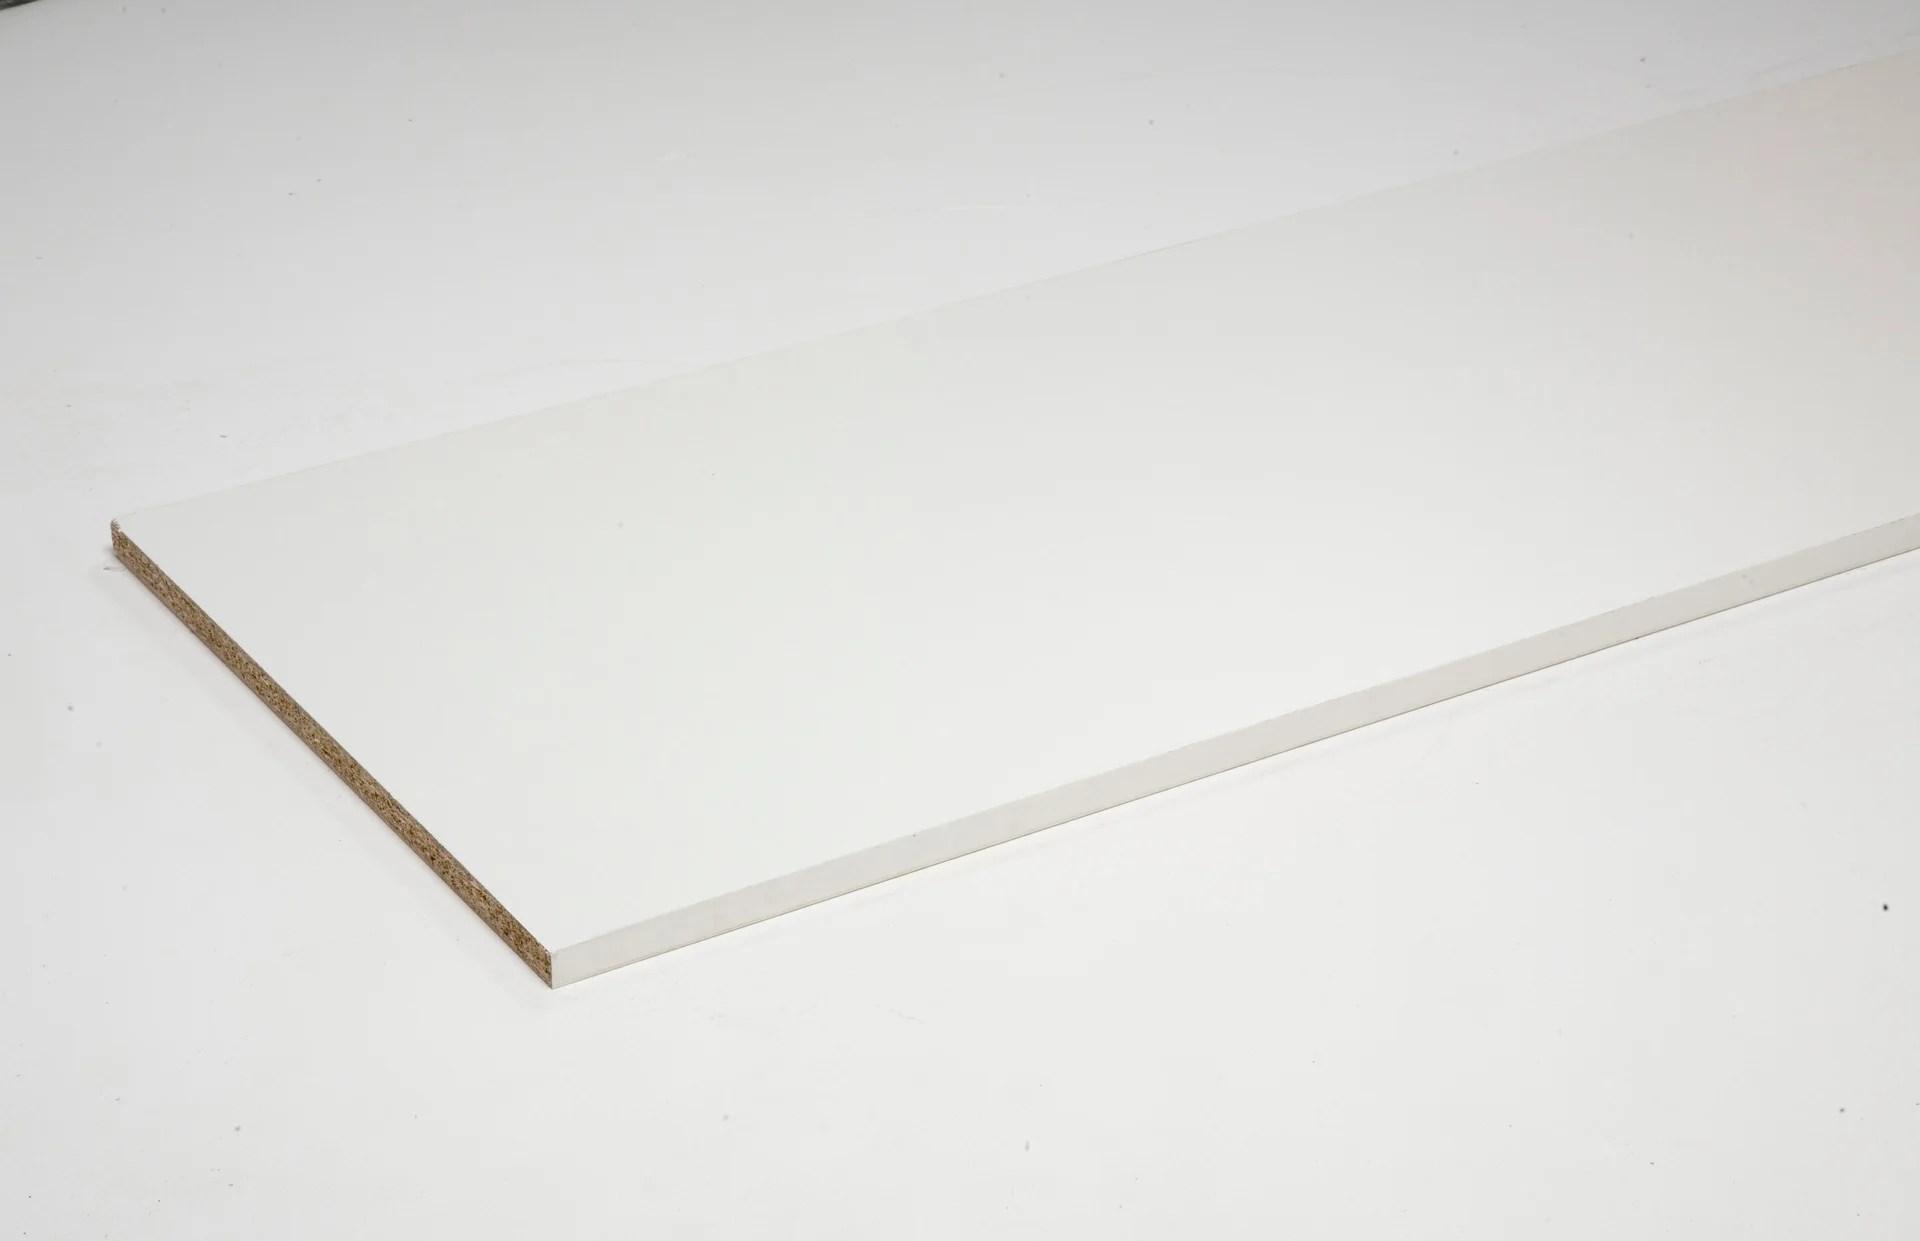 tablette melamine super blanc spaceo l 250 x l 50 cm x ep 18 mm